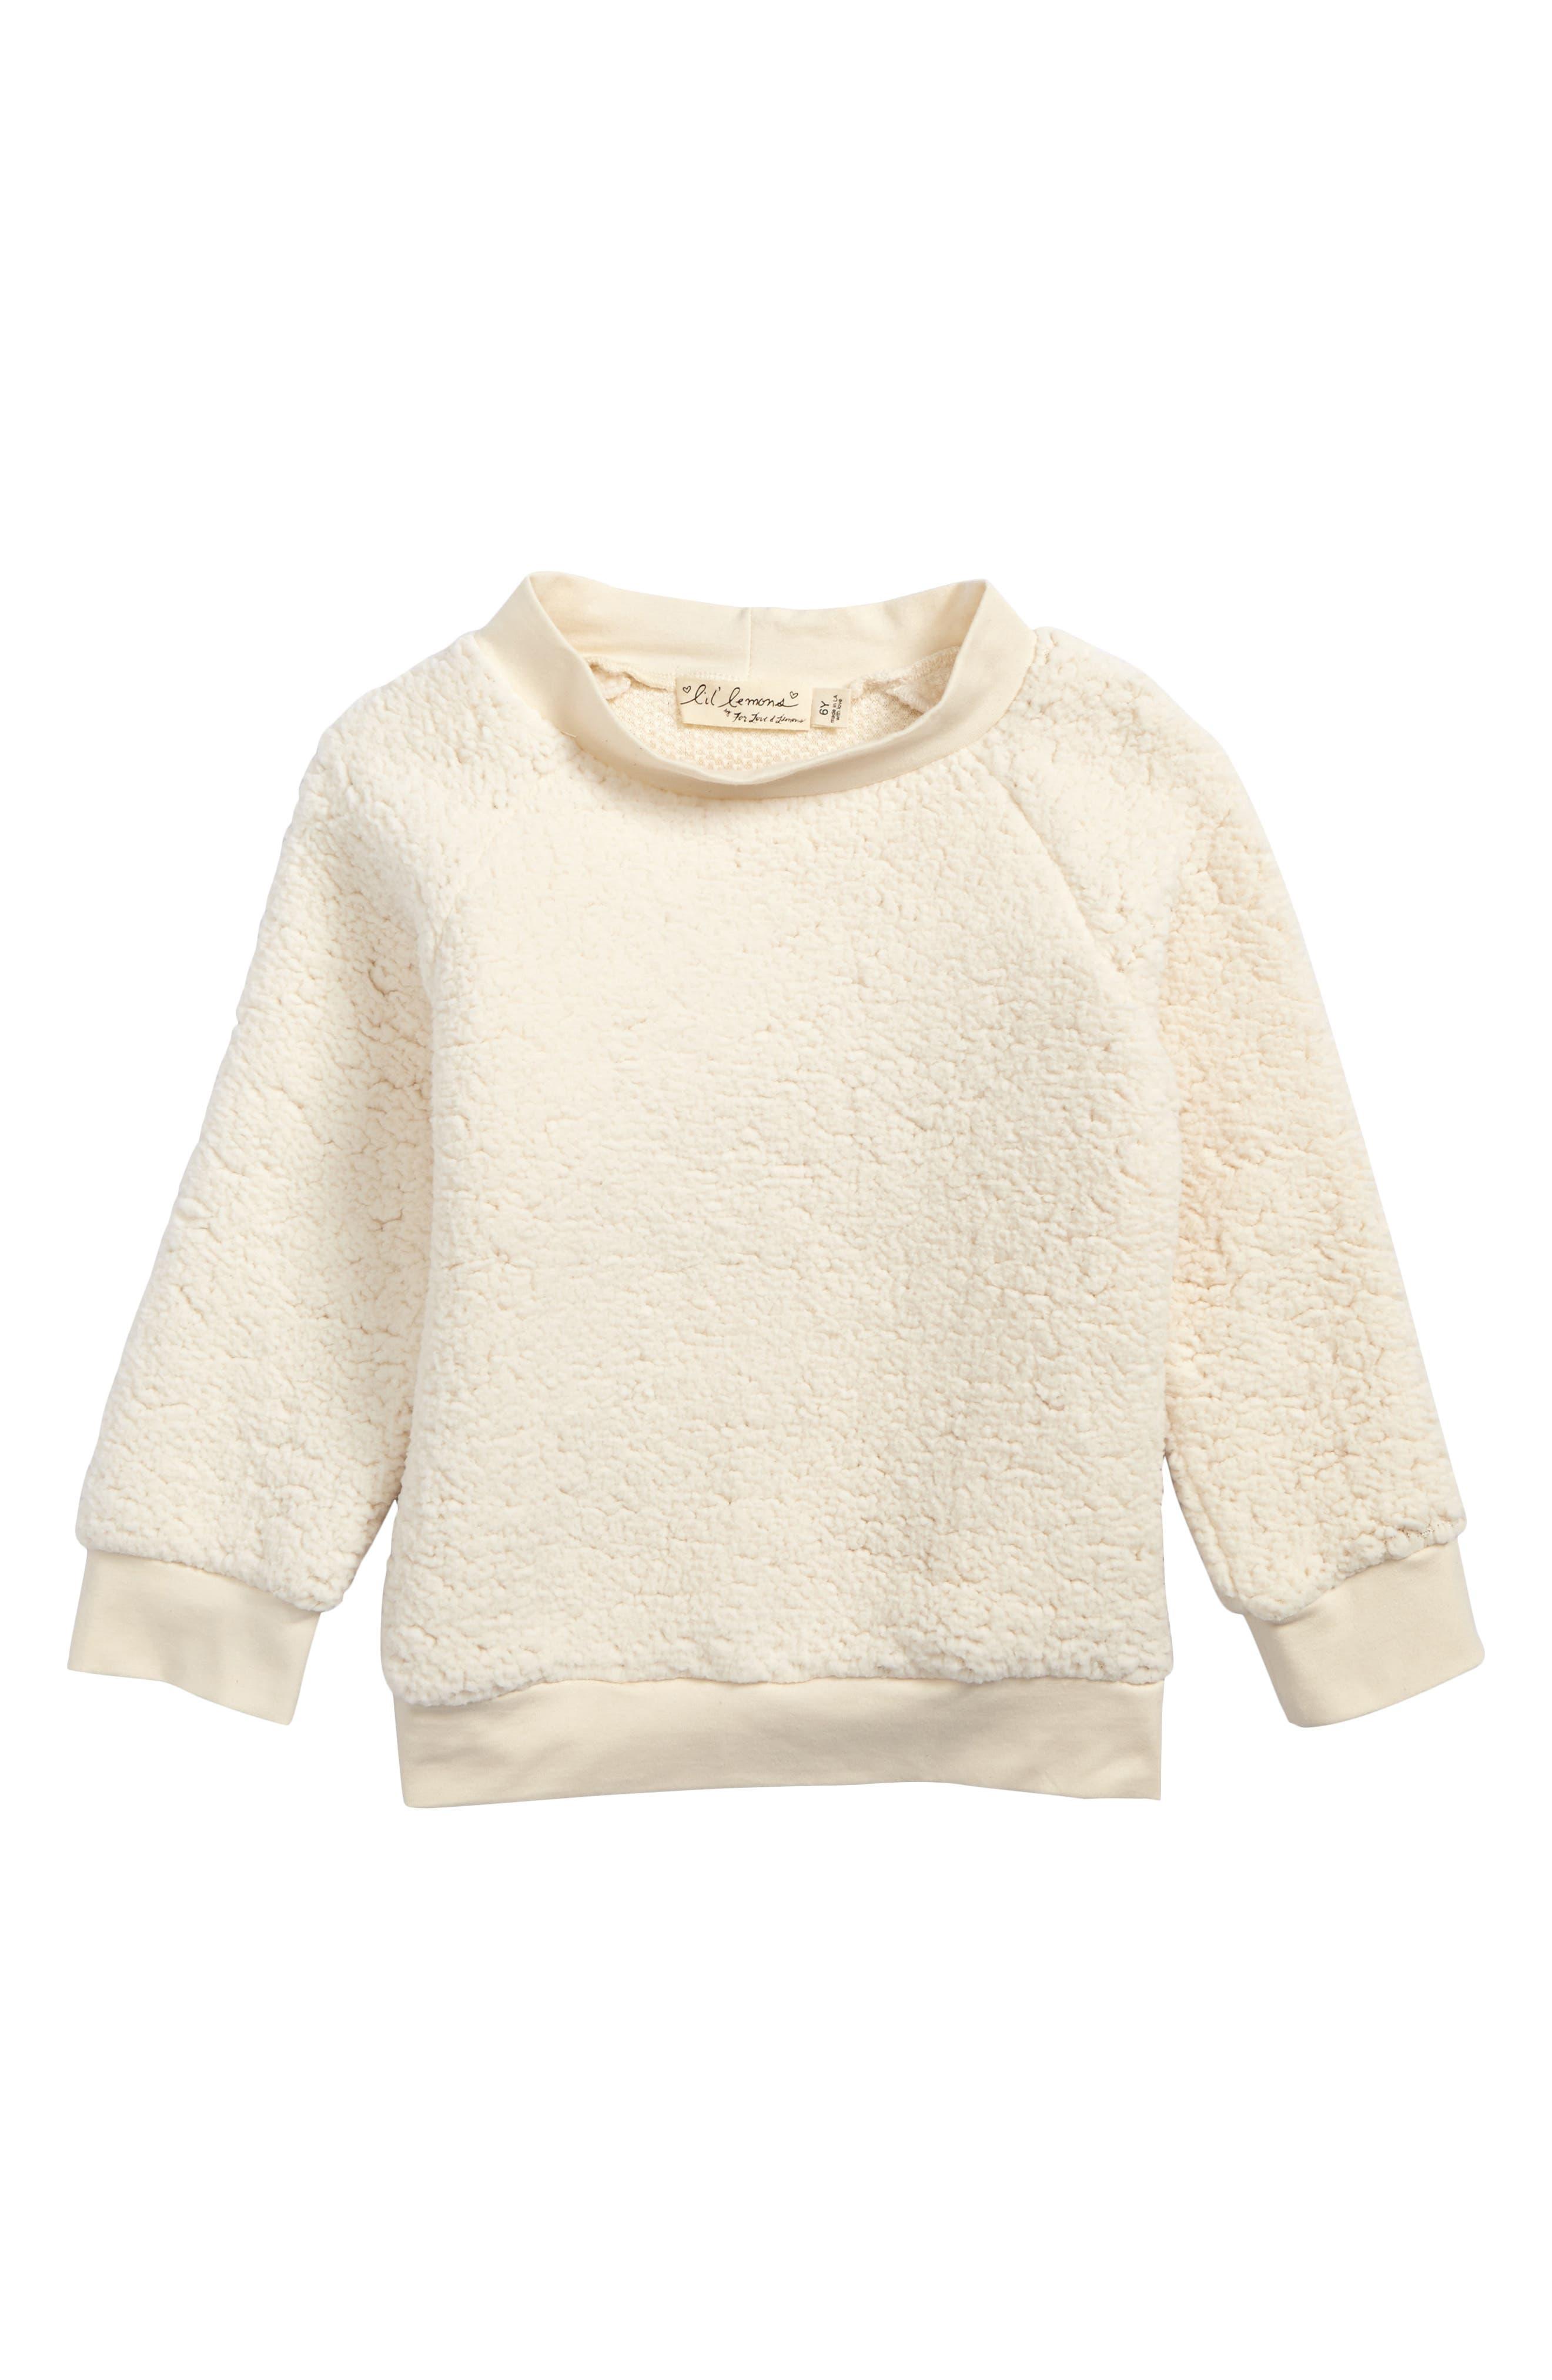 Main Image - Lil Lemons by For Love & Lemons Fuzzy Raglan Sweatshirt (Toddler Girls & Little Girls)